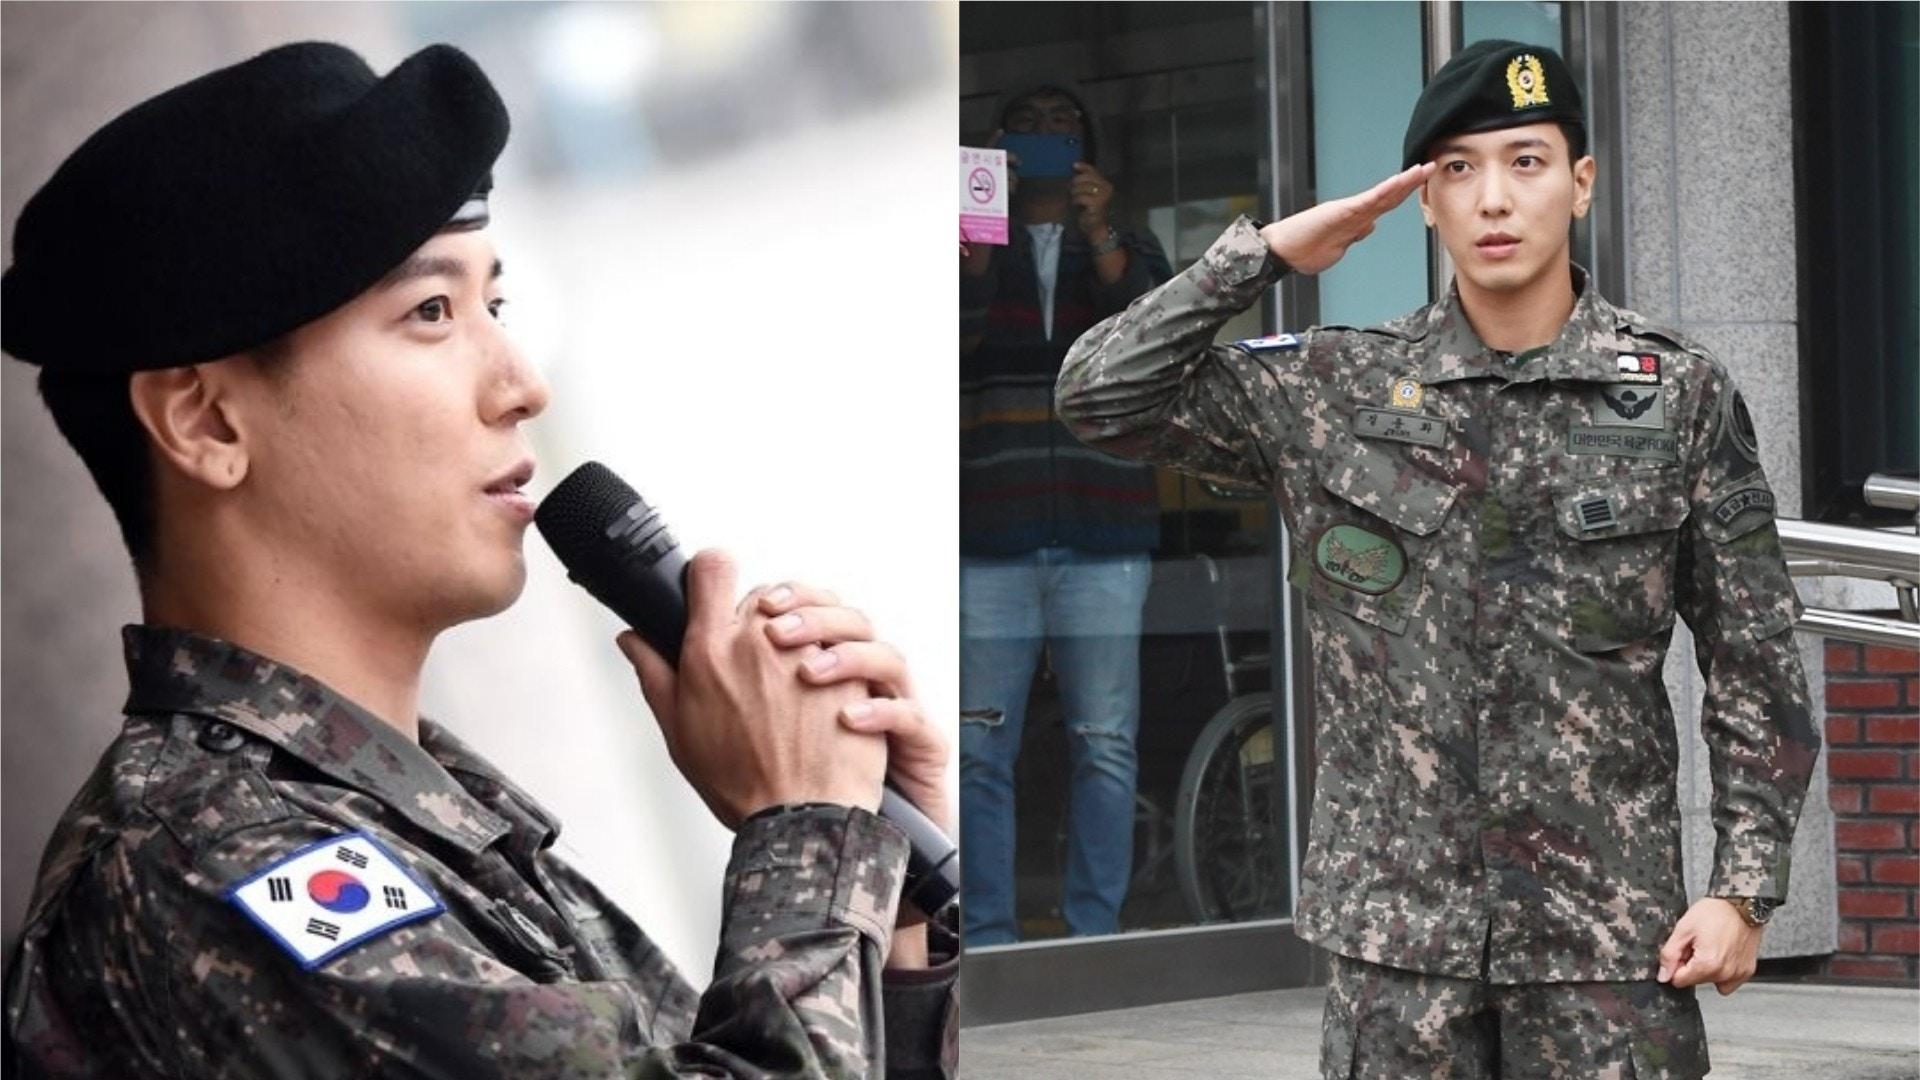 千名粉丝迎接他!郑容和正式退伍宣布下月开始巡演,自爆在军中认识了更多女团插图